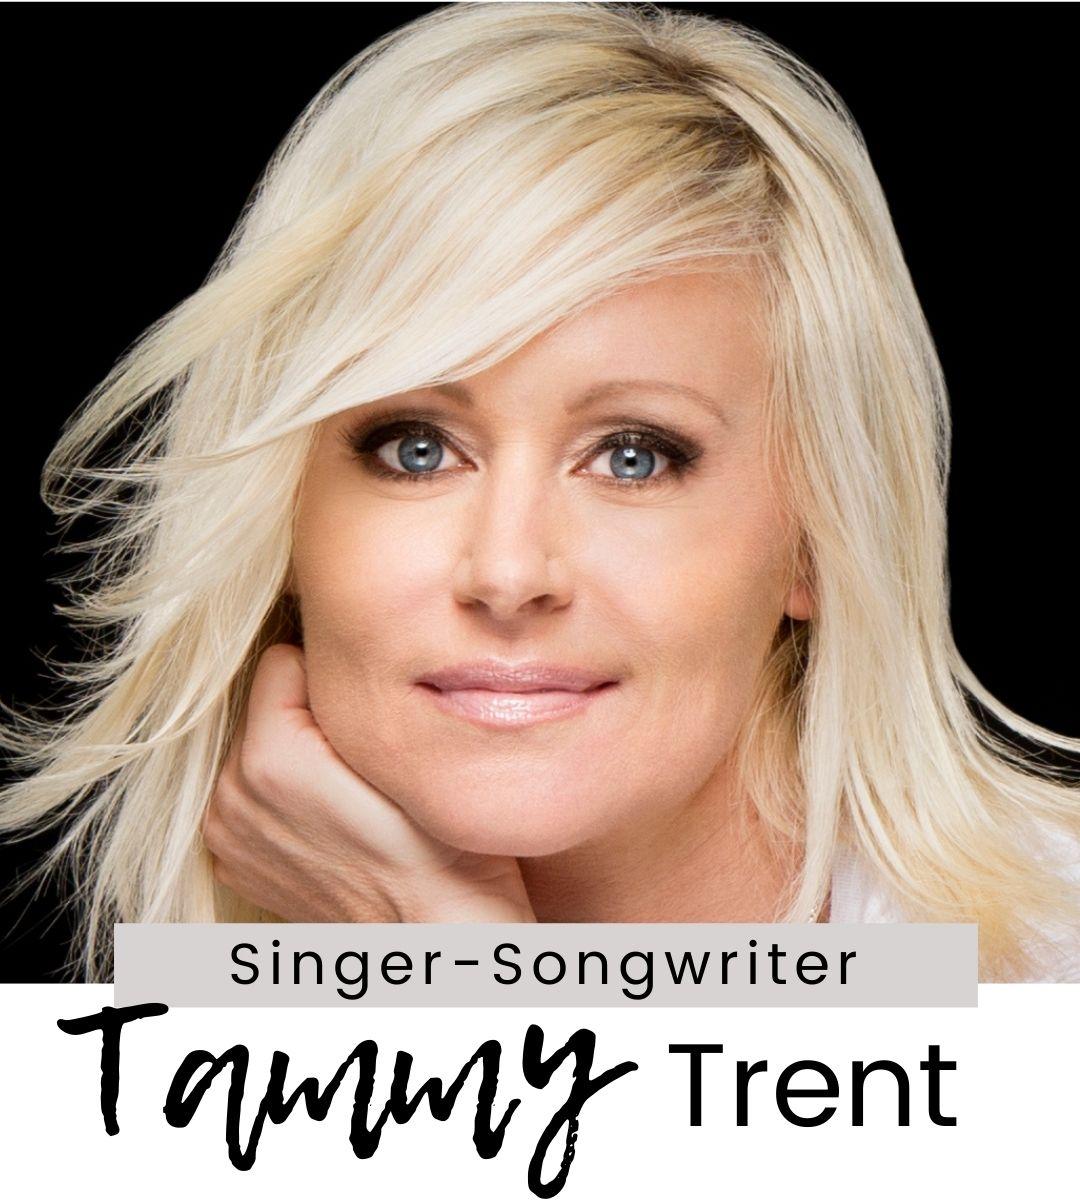 Tammy_Trent